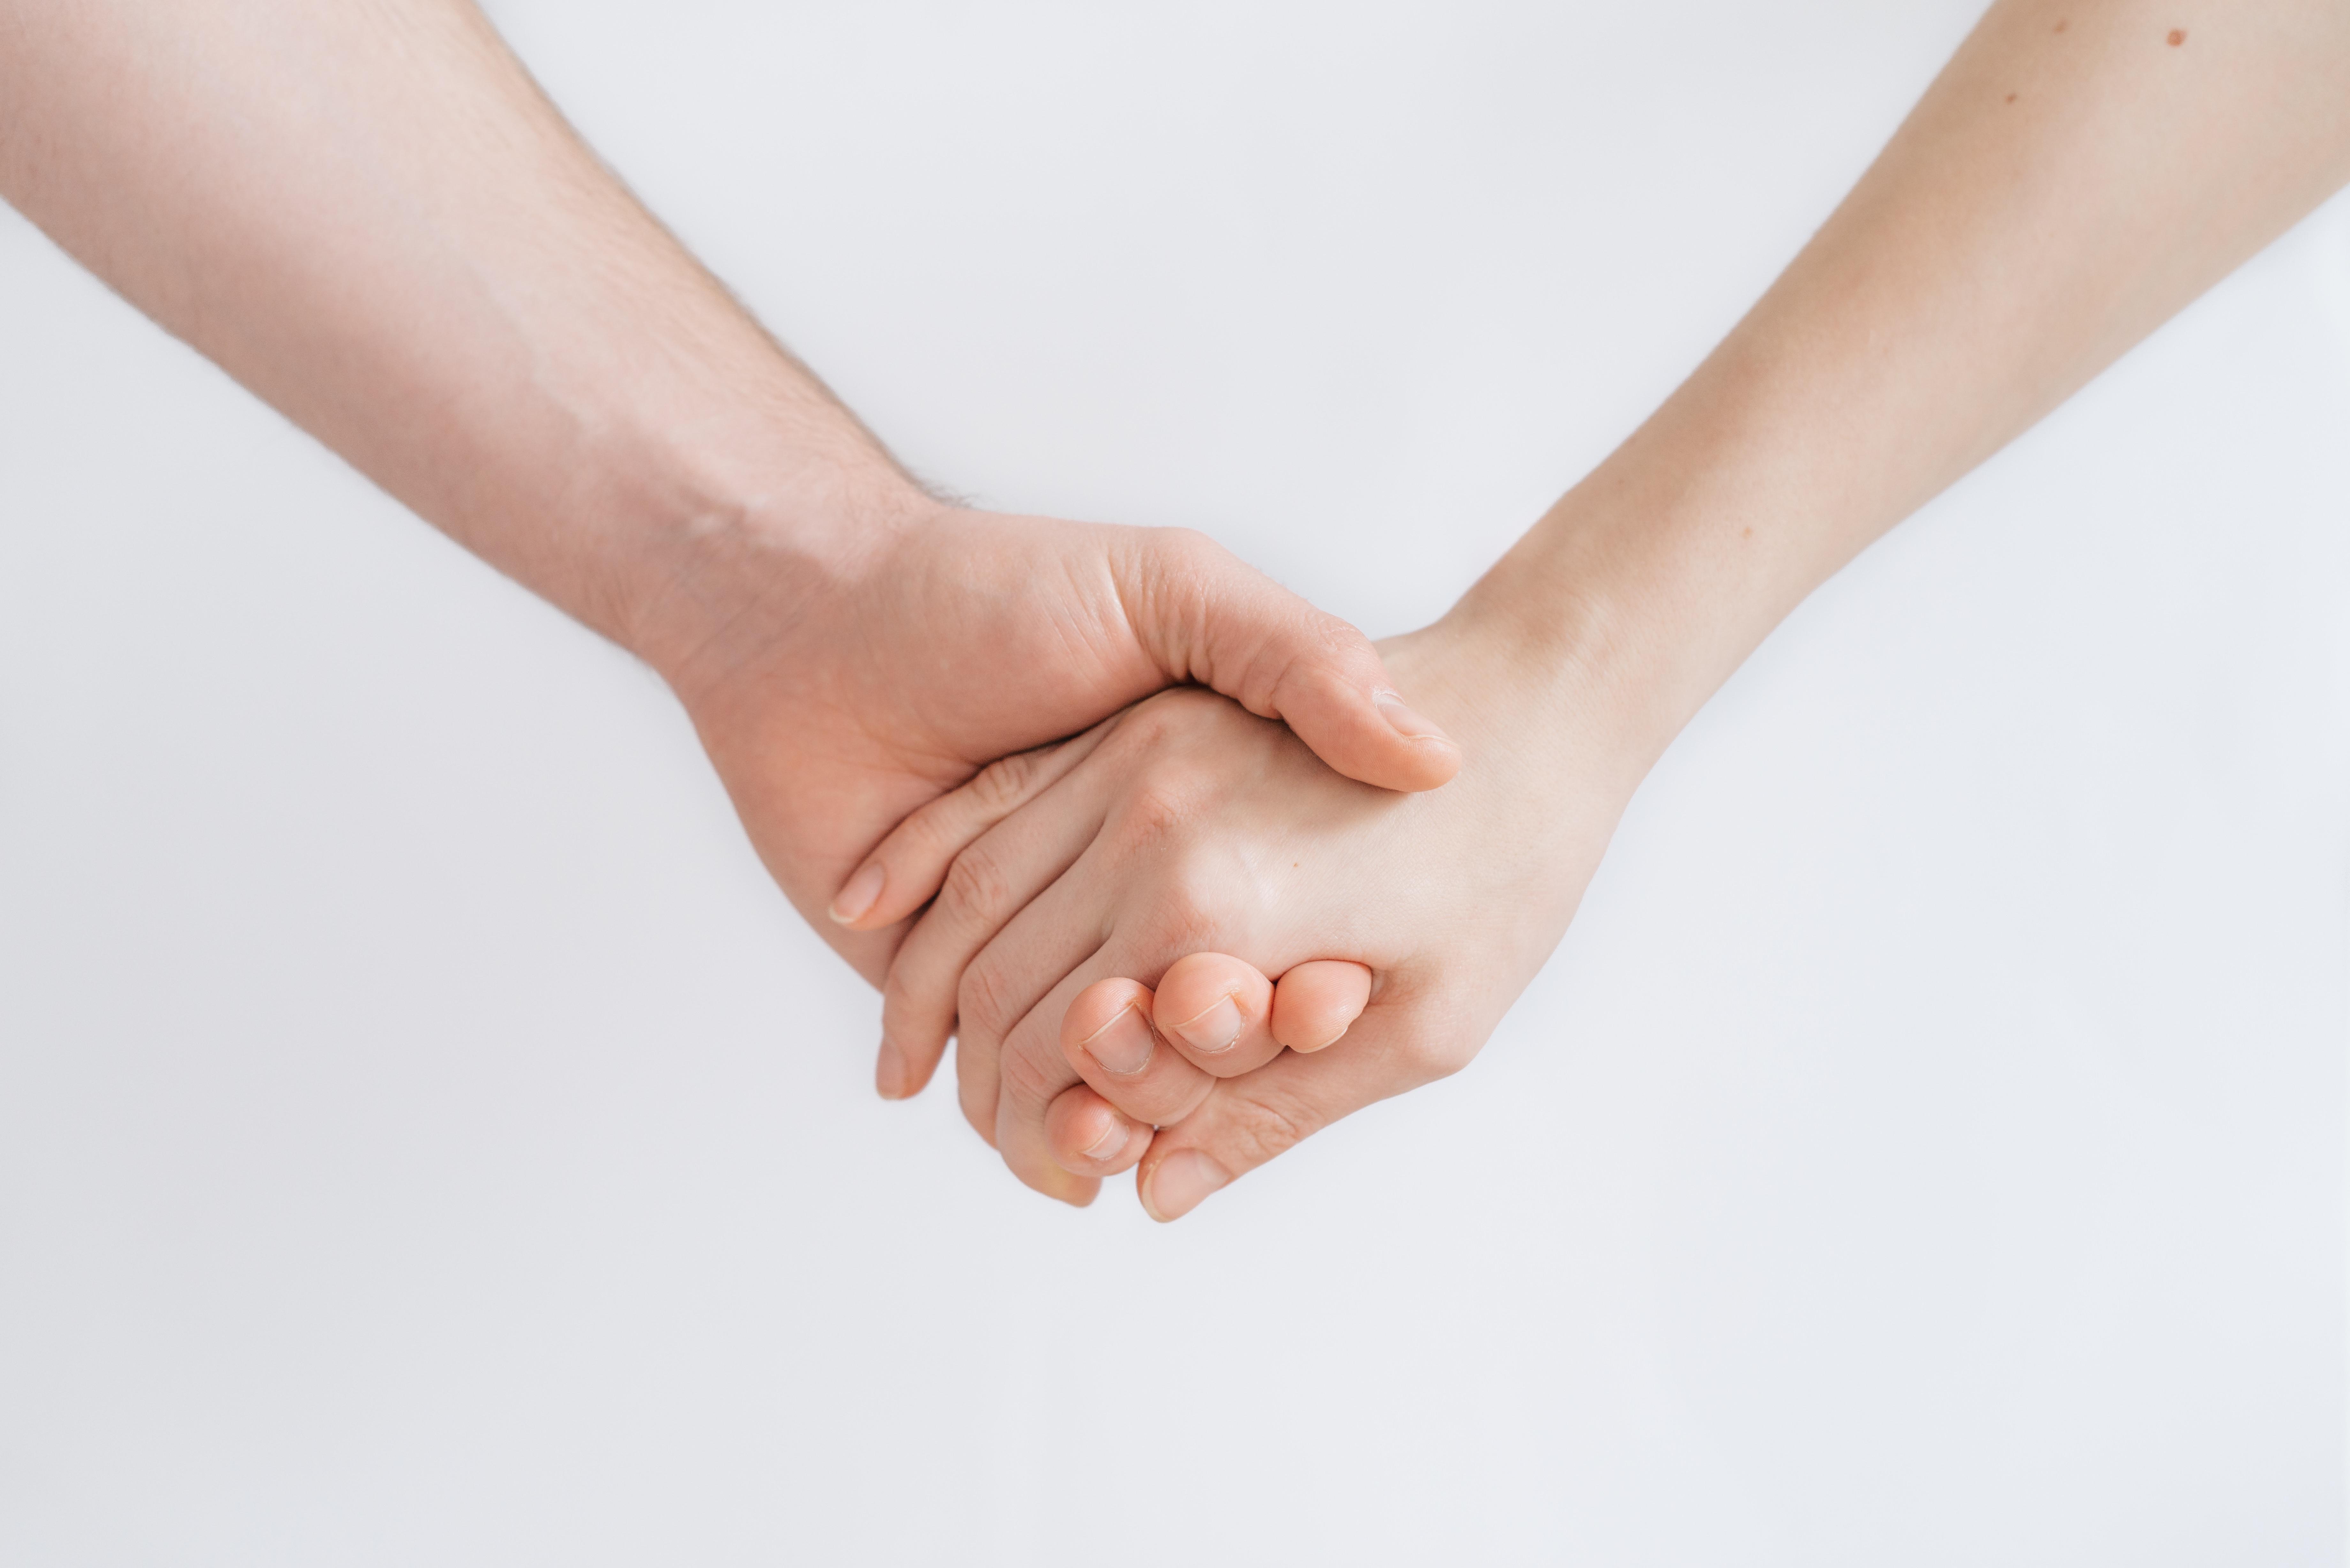 Cứu vãn hay chia tay, đâu mới là giải pháp tốt cho một chuyện tình?